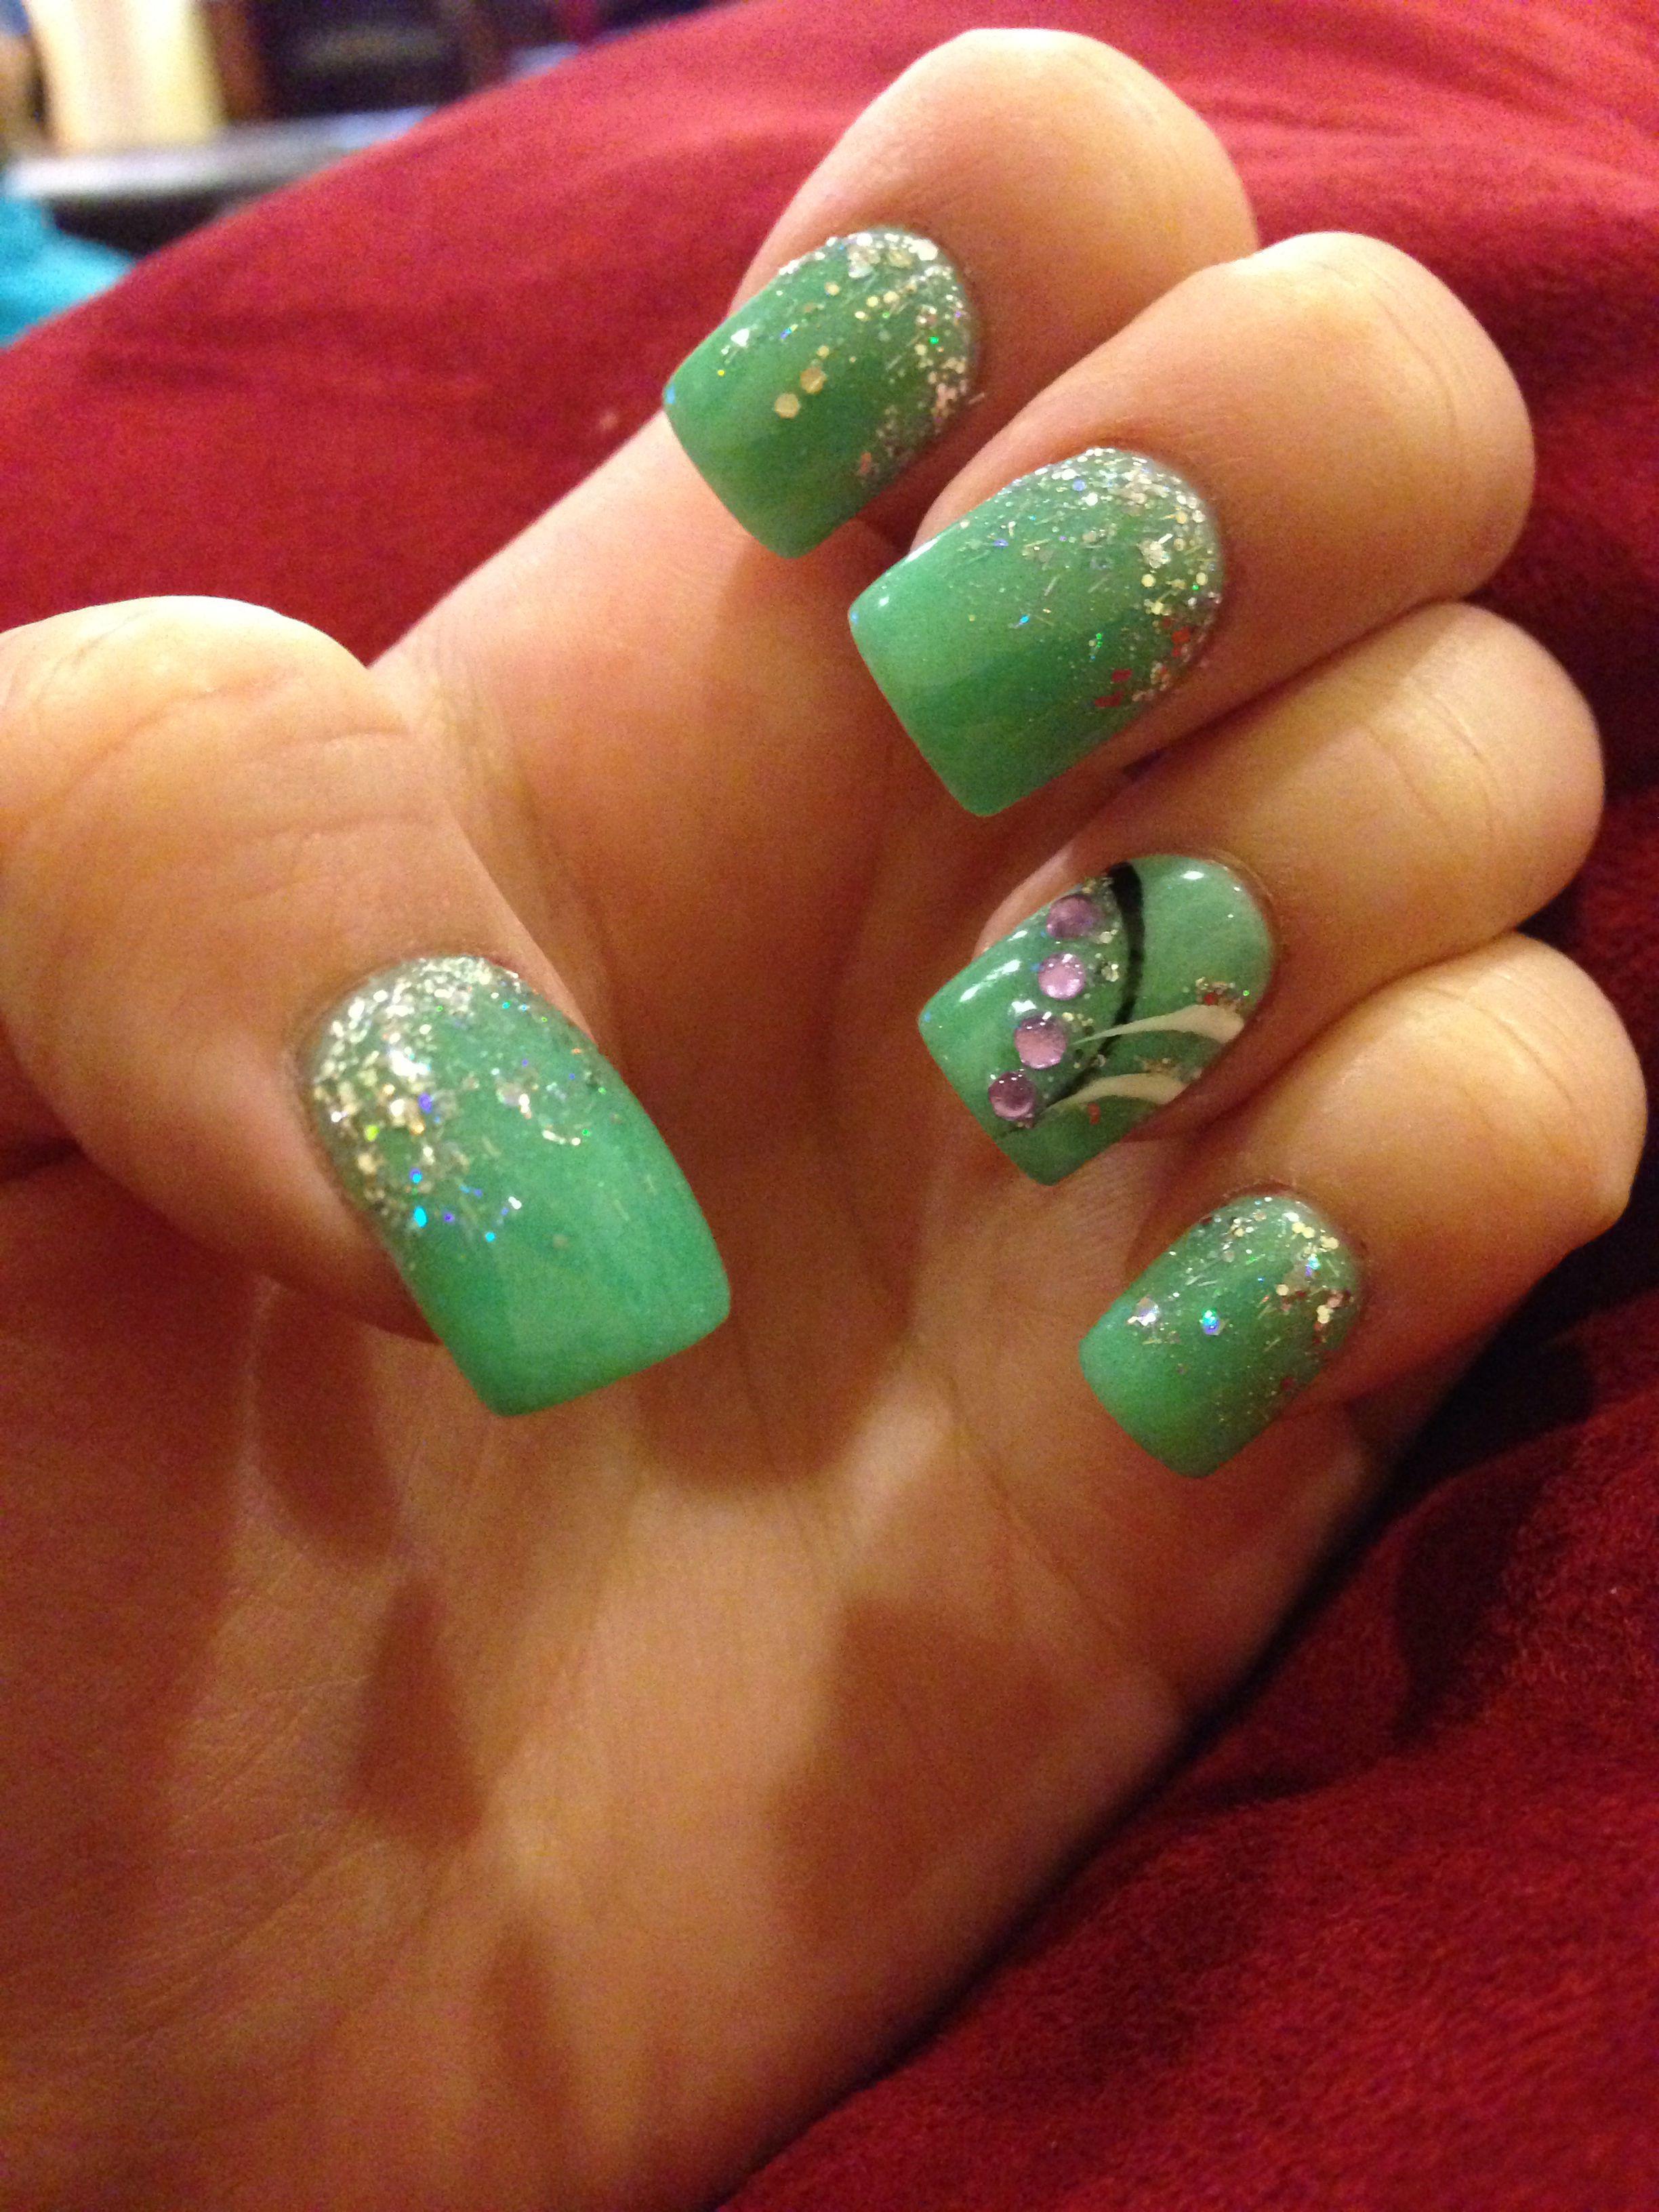 My Florida Nails Nails Designs Pinterest Florida Nails